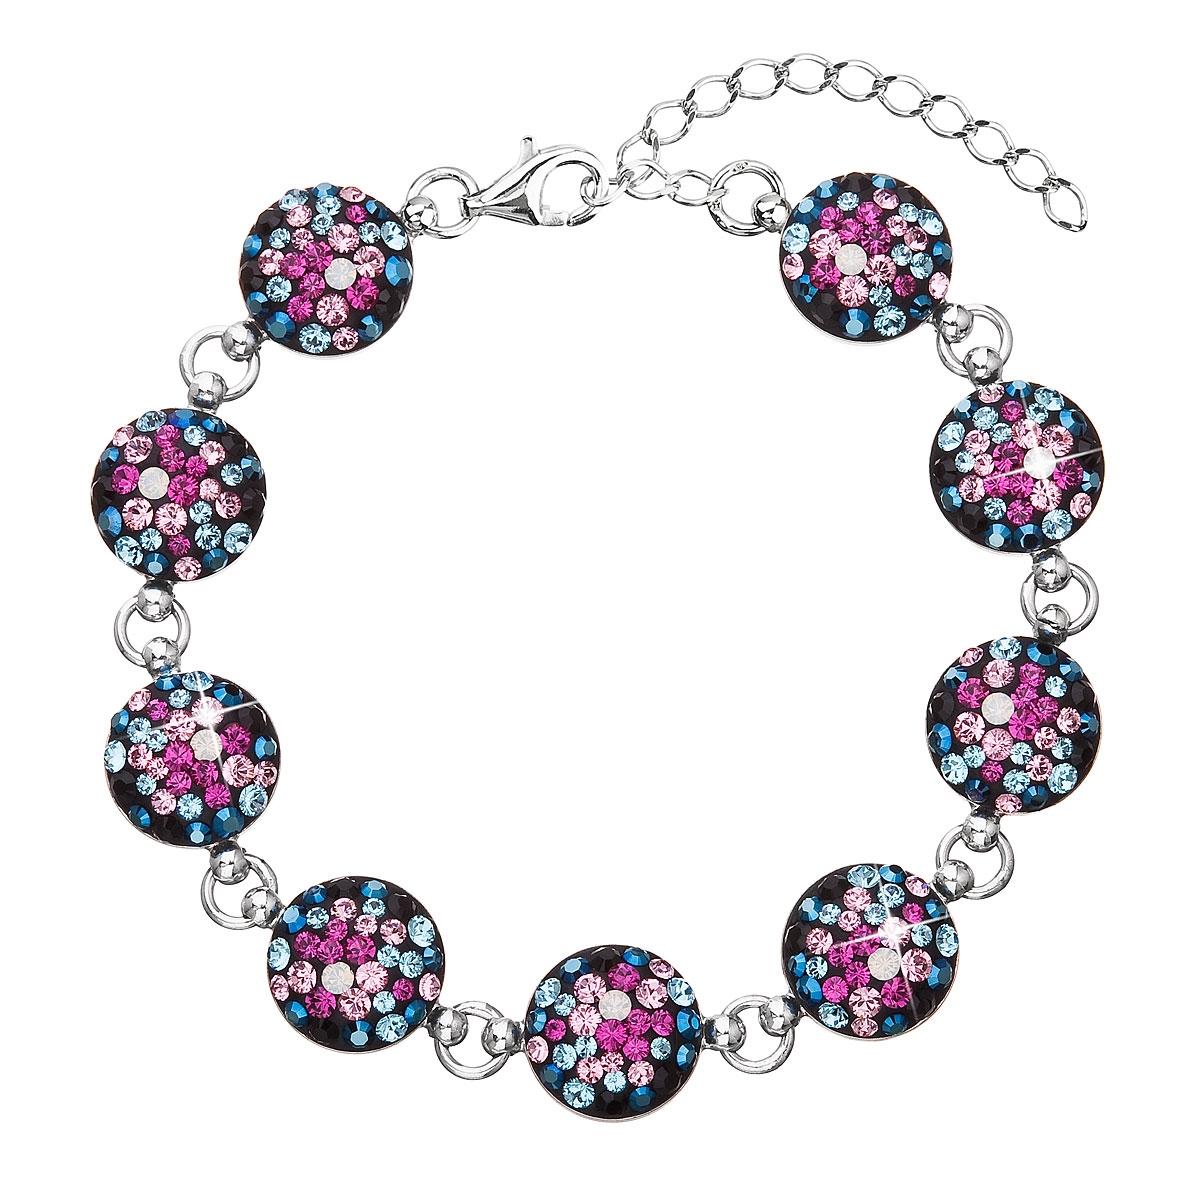 Stříbrný náramek s krystaly Crystals from Swarovski® Galaxy EG7004-GX